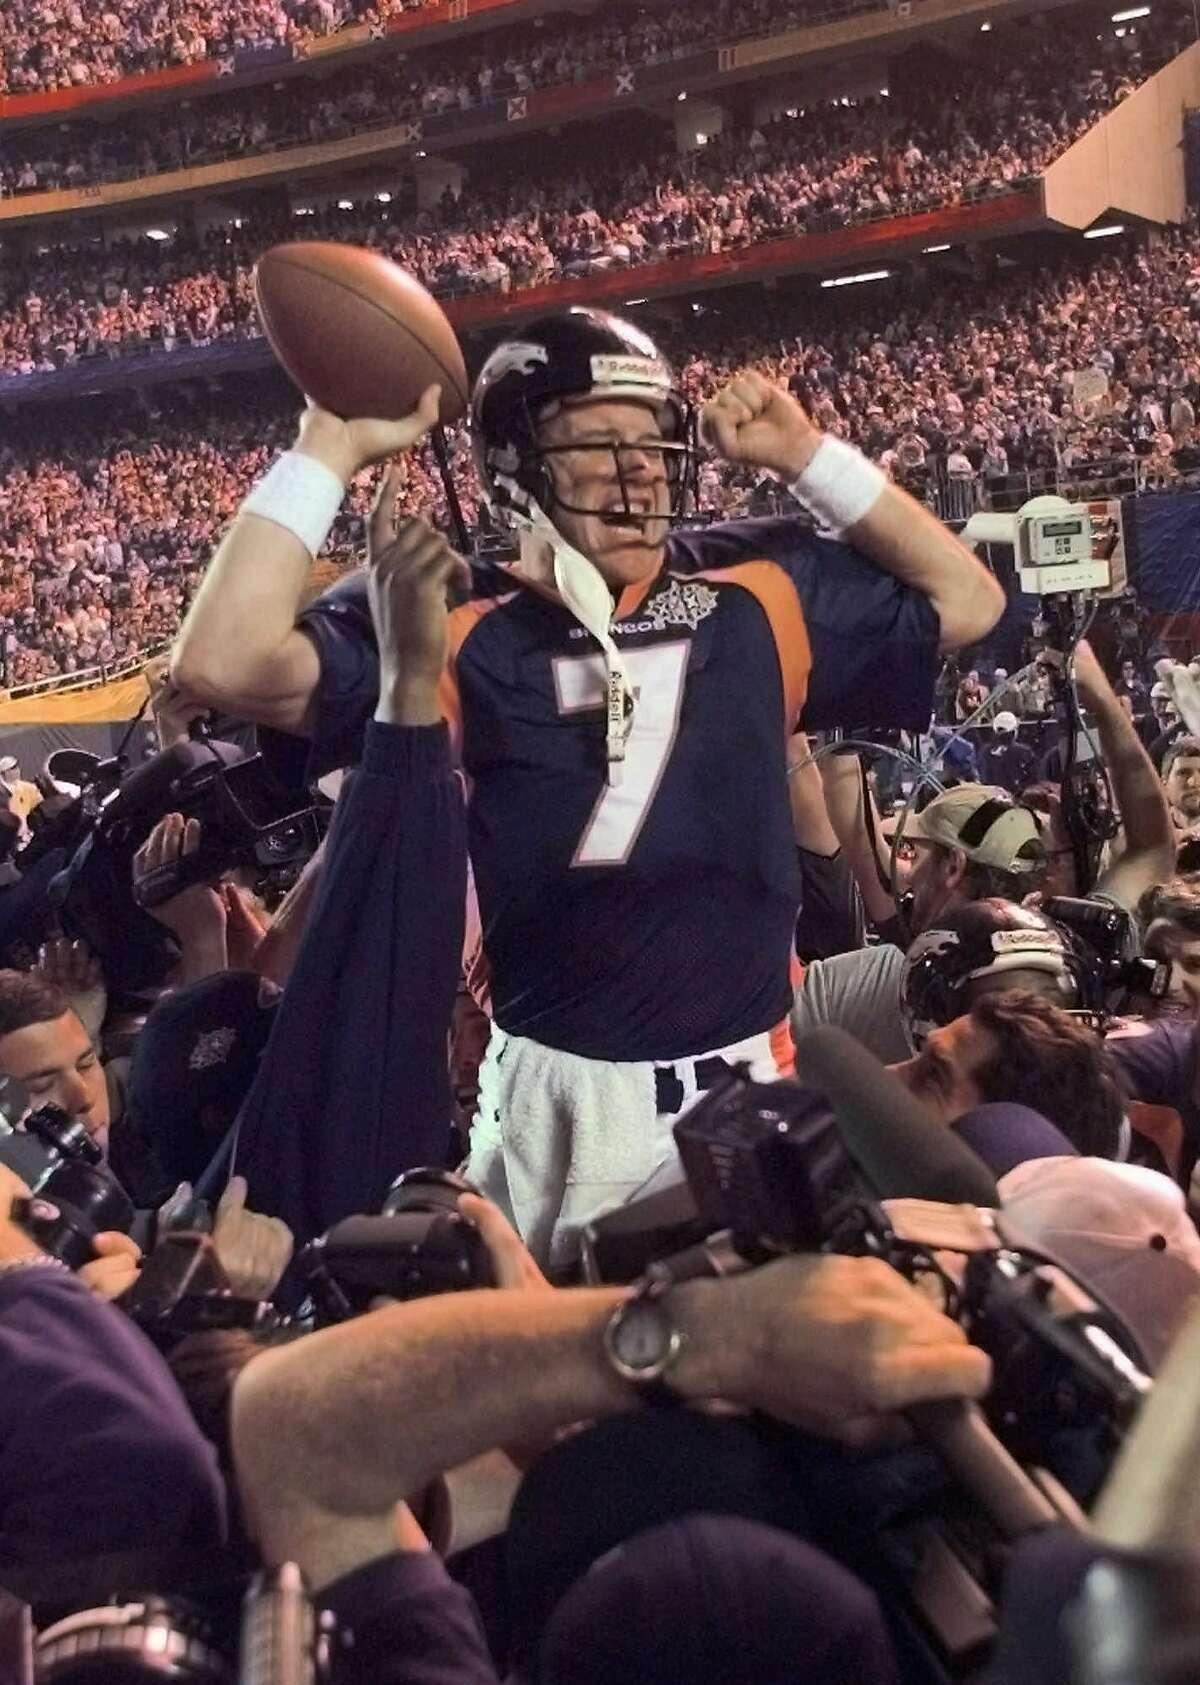 T8. Denver: 4 2 NFL championships (Broncos 1997, 1998) 2 NHL championships (Avalanche 1996, 2001)